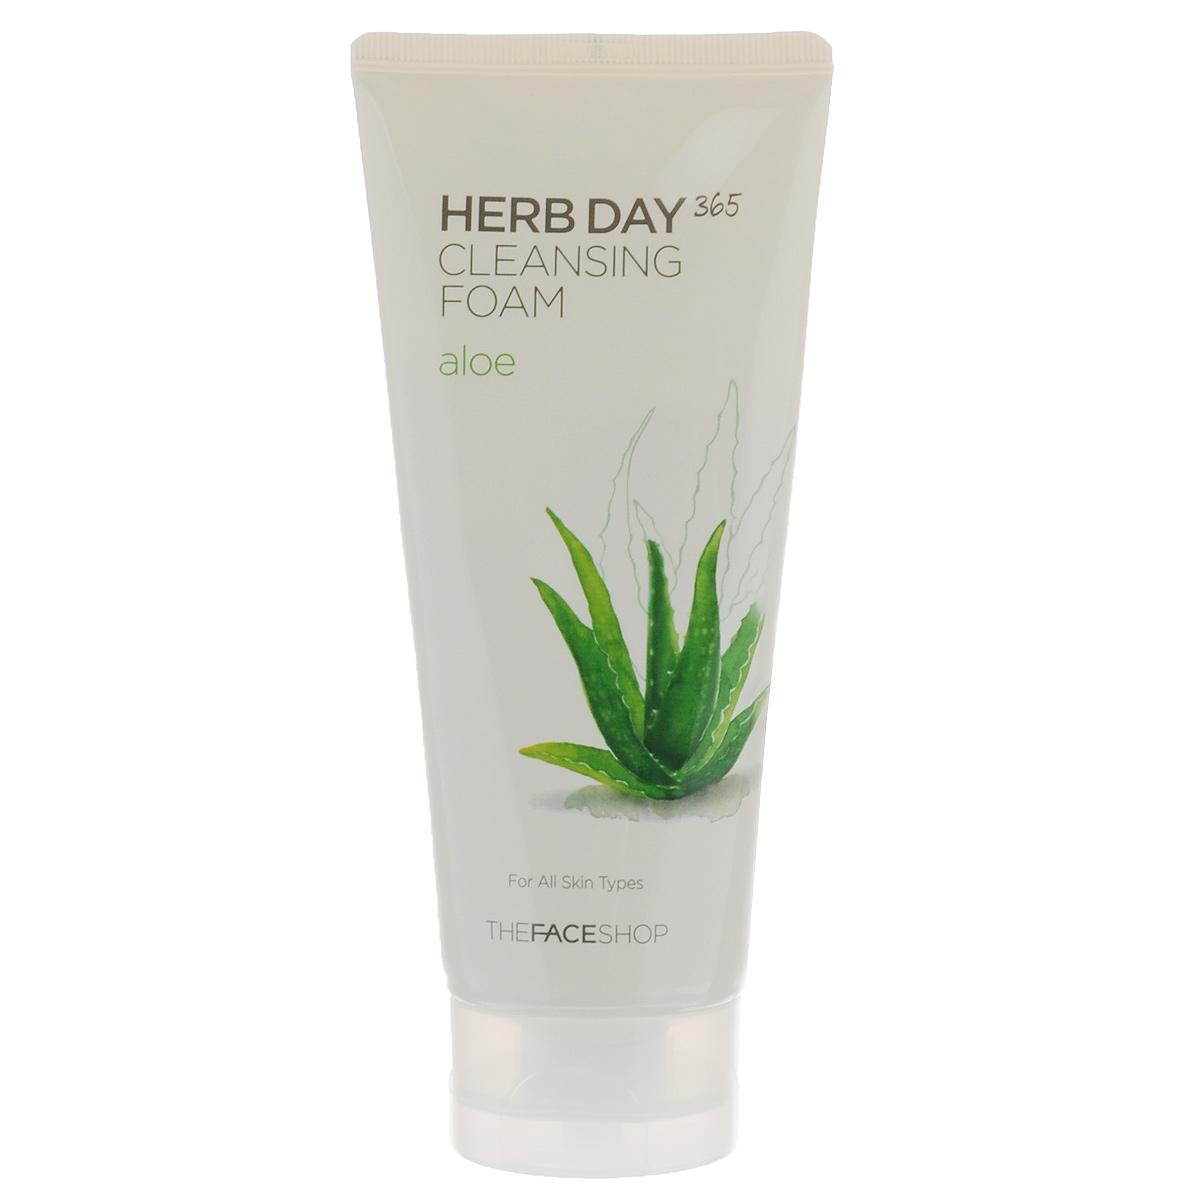 The Face Shop Пенка для умывания Herb Day 365, очищающая, с экстрактом алое, для всех типов кожи, 170 млУТ000000799Пенка для умывания Herb Day 365 содержит экстракт алоэ вера и комплекс экстрактов лекарственных трав. Мягко очищает кожу лица, мягко удаляет мертвые клетки и загрязнения пор. Эффективно успокаивает, обладает осветляющим эффектом и увлажняет кожу лица. Экстракт алоэ вера содержит огромное количество биологически активных веществ, из которых наиболее важными для кожи являются: каротин, витамины С и Е, защищающие кожу от повреждающего действия свободных радикалов и преждевременного старения; комплекс полисахаров с высокой влагоудерживающей и иммуностимулирующей способностью; салициловая кислота, эфирные масла и стерины, оказывающие антибактериальное и противовоспалительное действие.Товар сертифицирован.